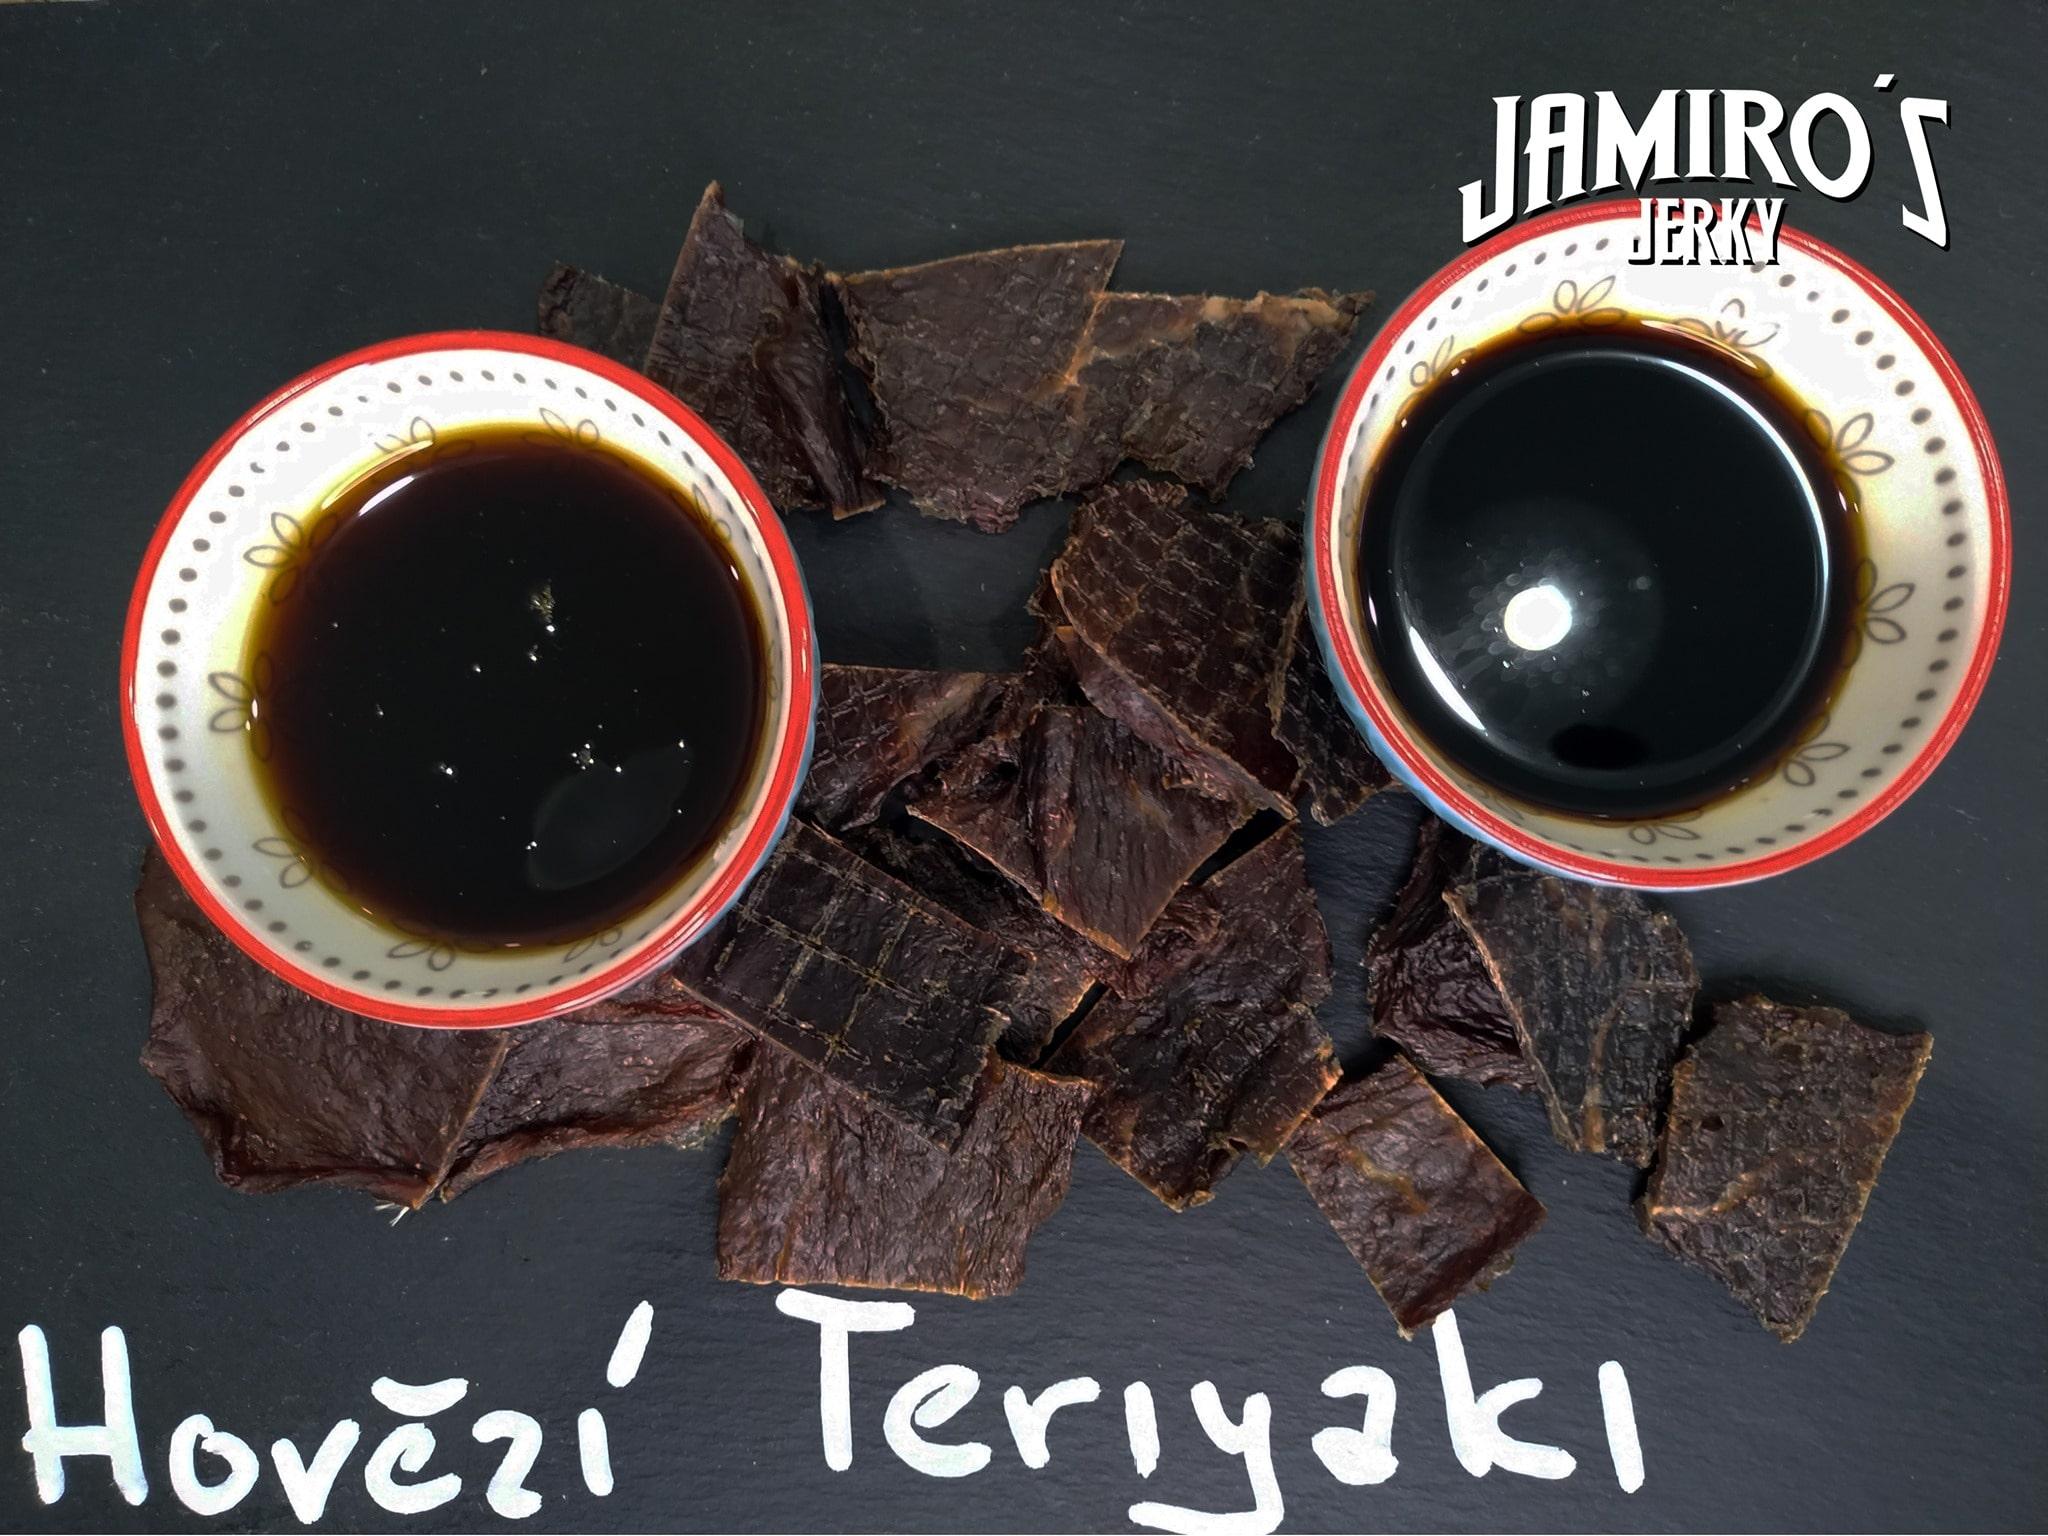 jamiros-teriyaki-min